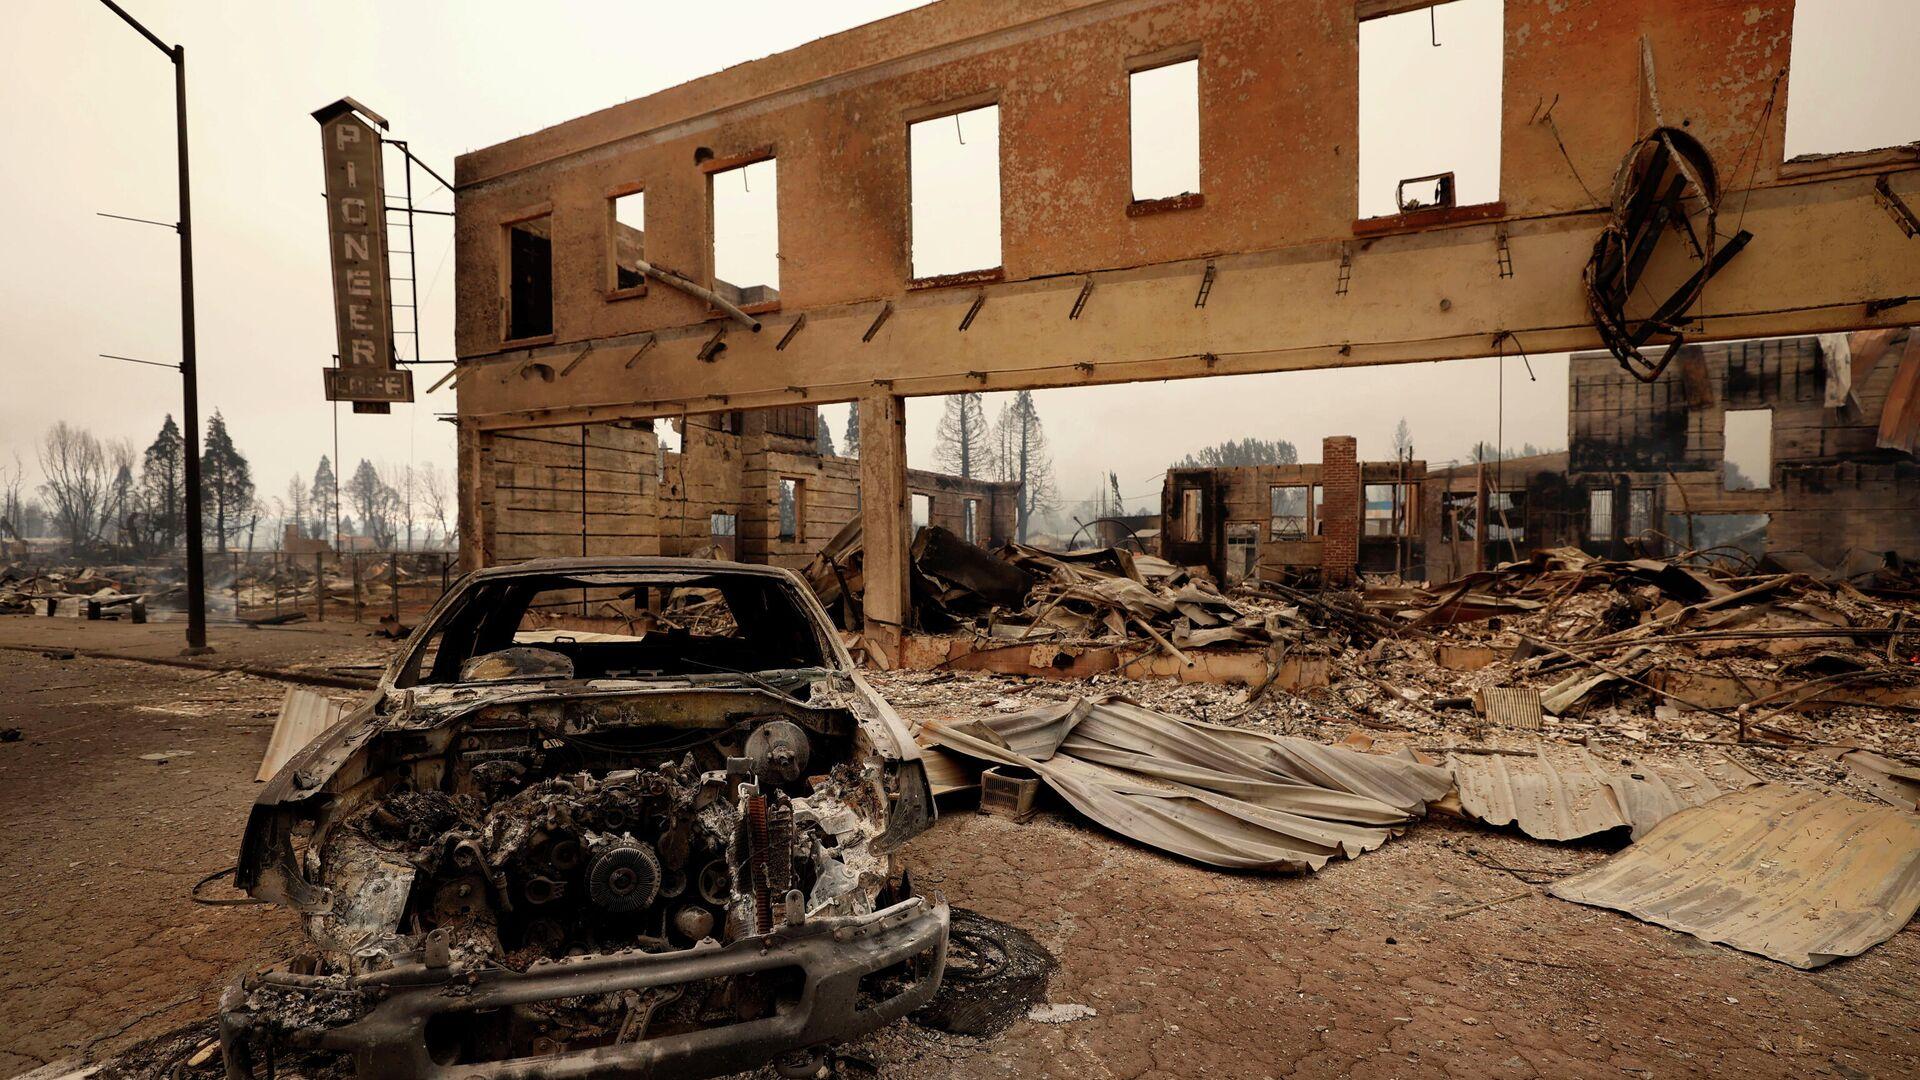 Последствия пожара в Гринвилле, Калифорния - РИА Новости, 1920, 06.08.2021